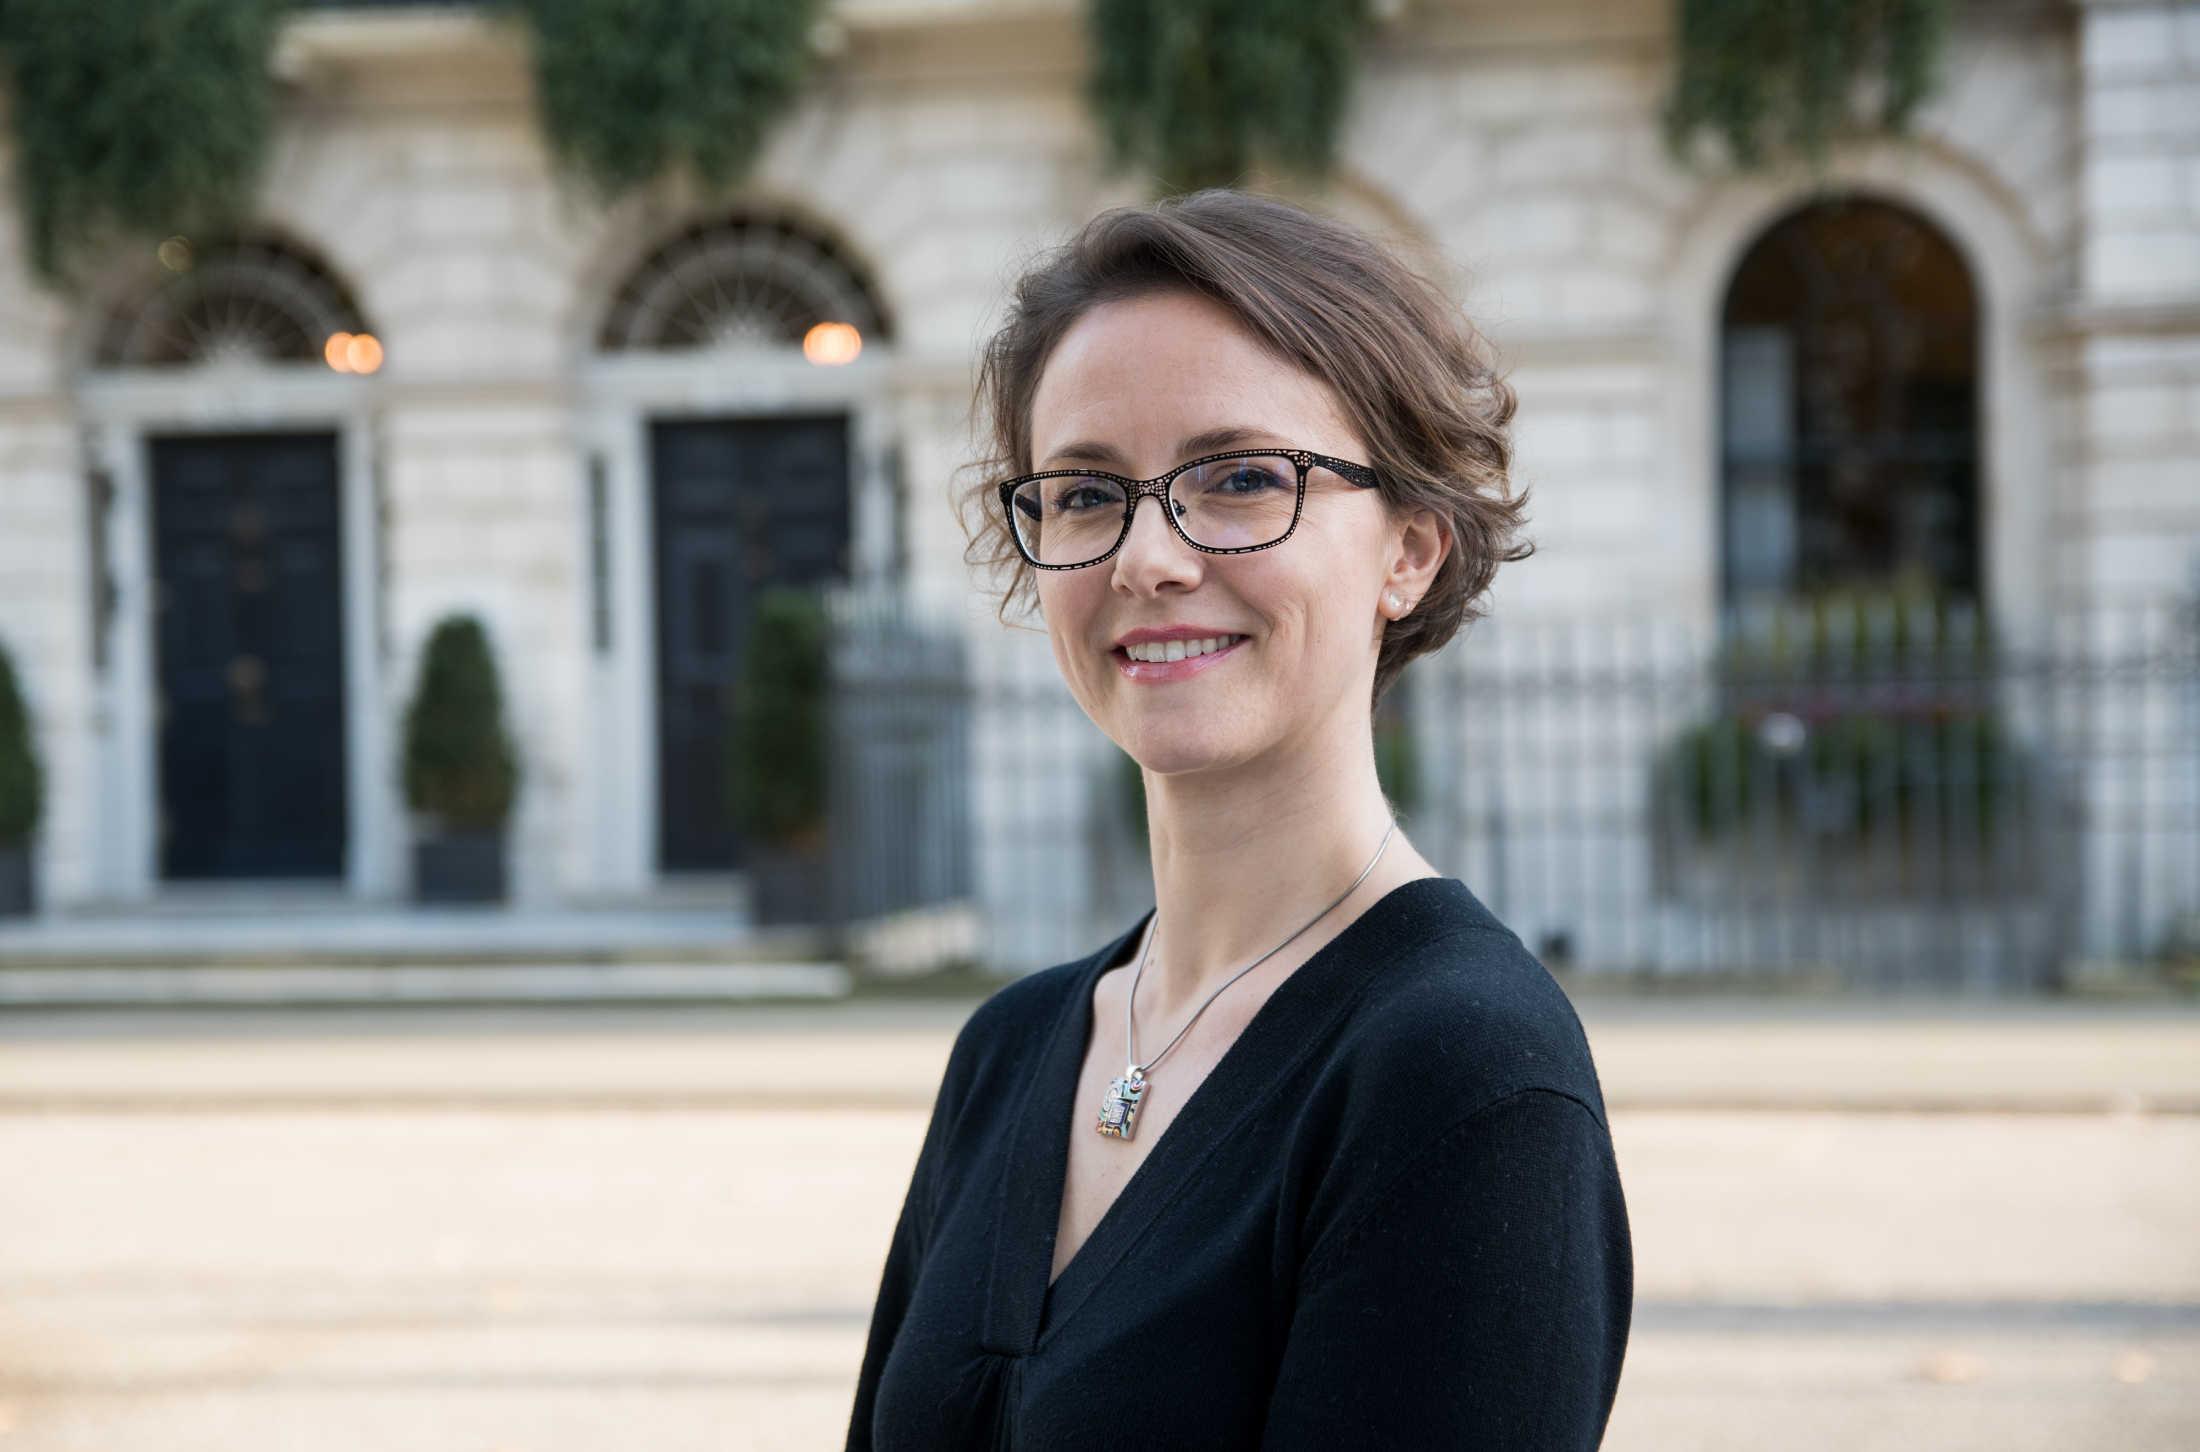 Aude Schoentgen